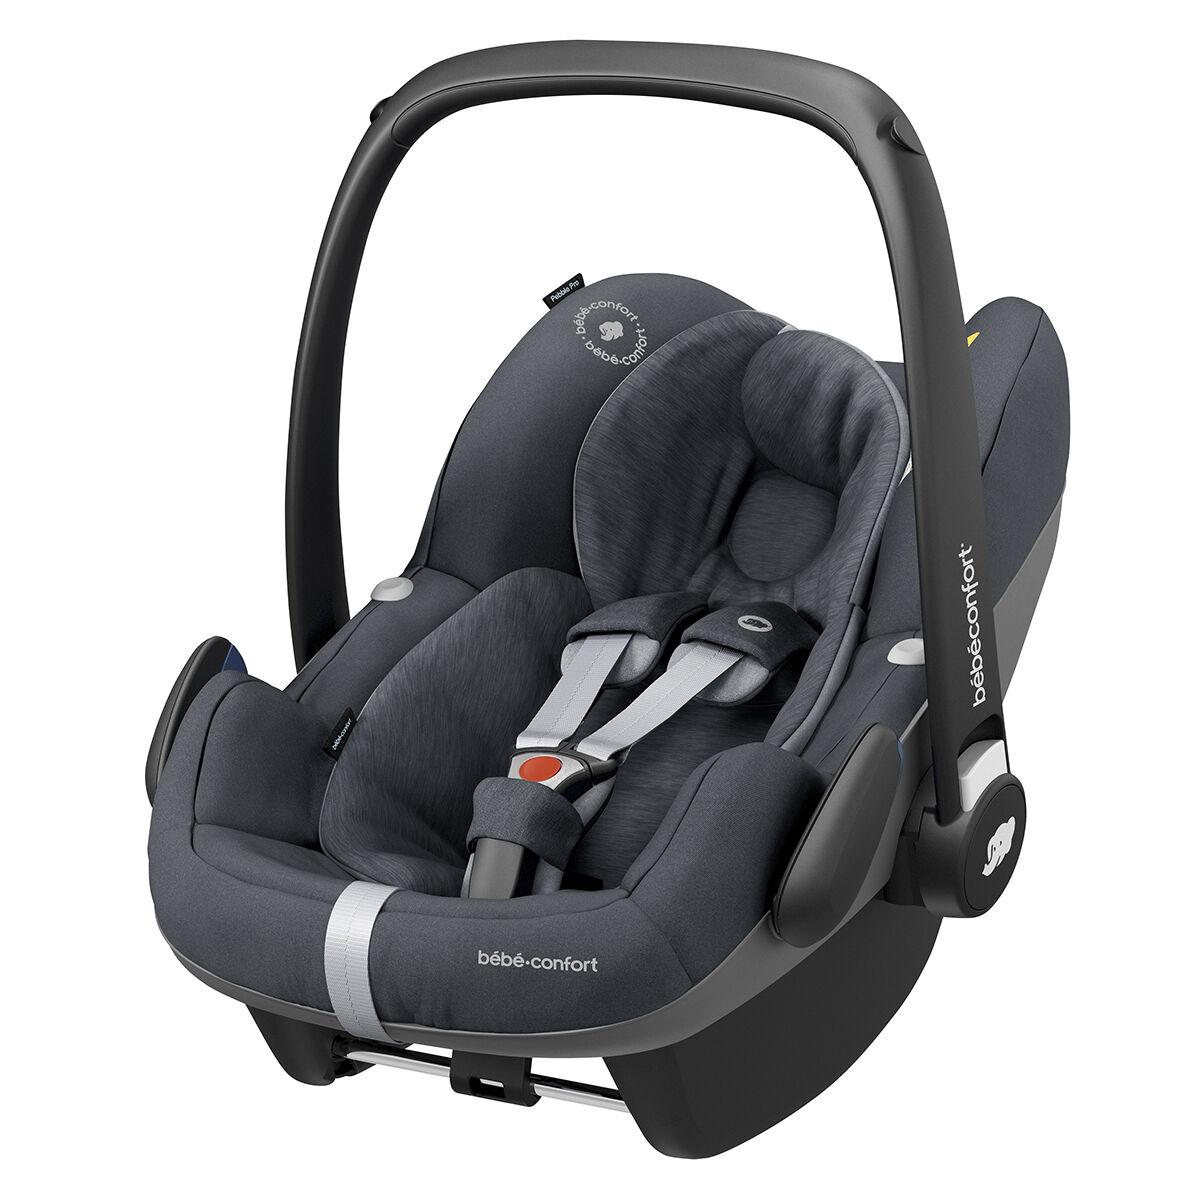 Bébé Confort Siège Auto Pebble Pro i-Size Groupe 0+ - Essential Graphite